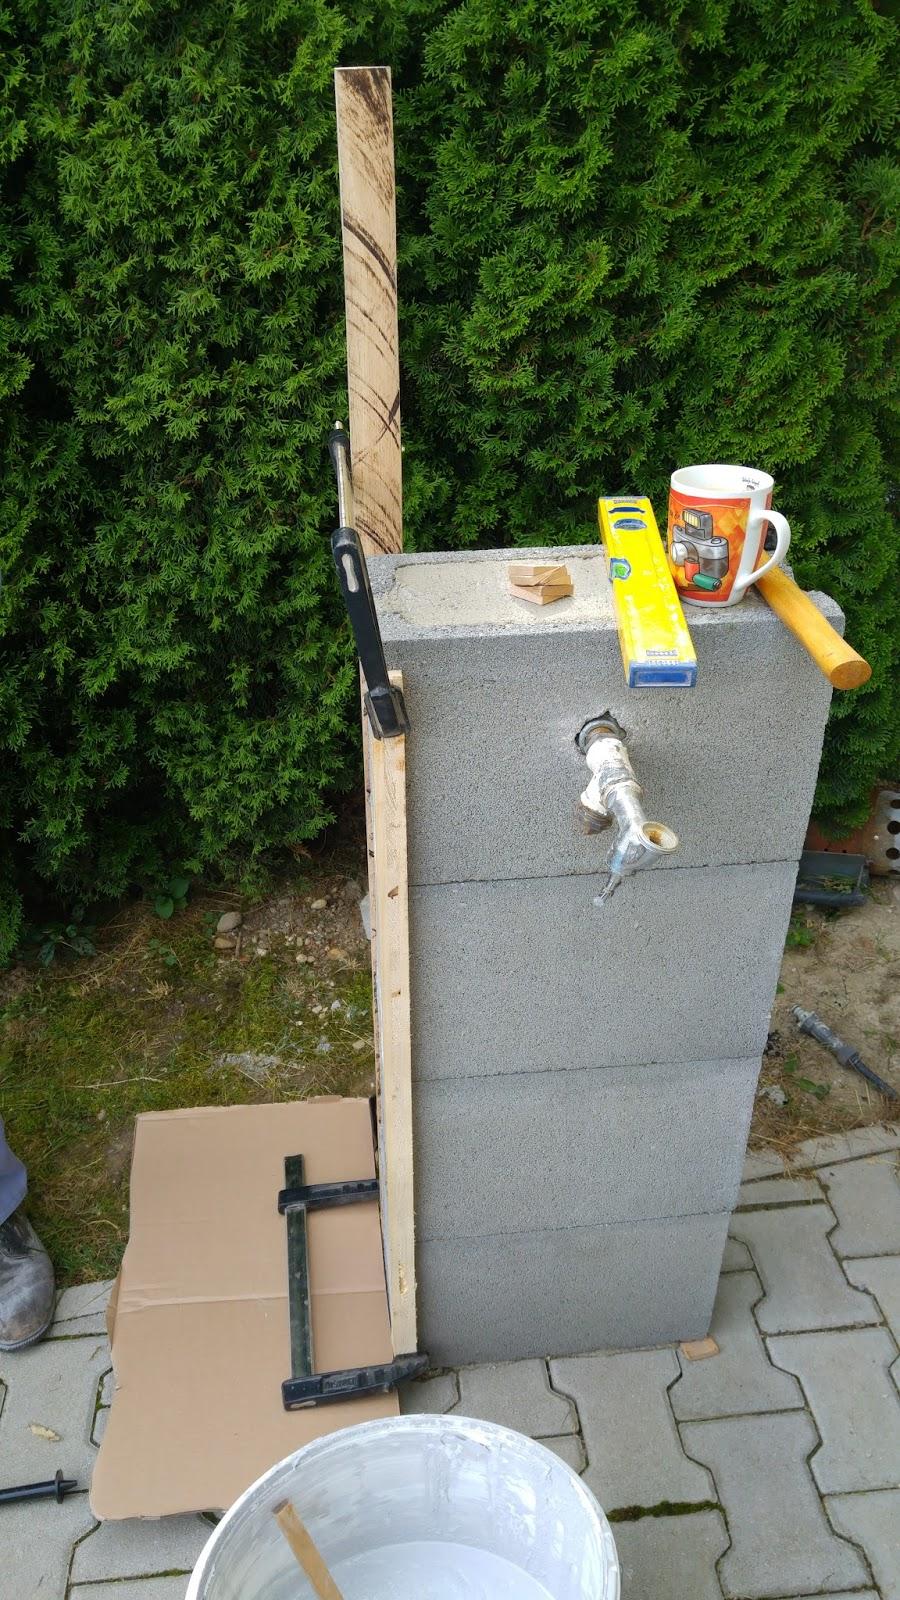 Holz Metall Und Smart Home Wasserhahn Im Garten